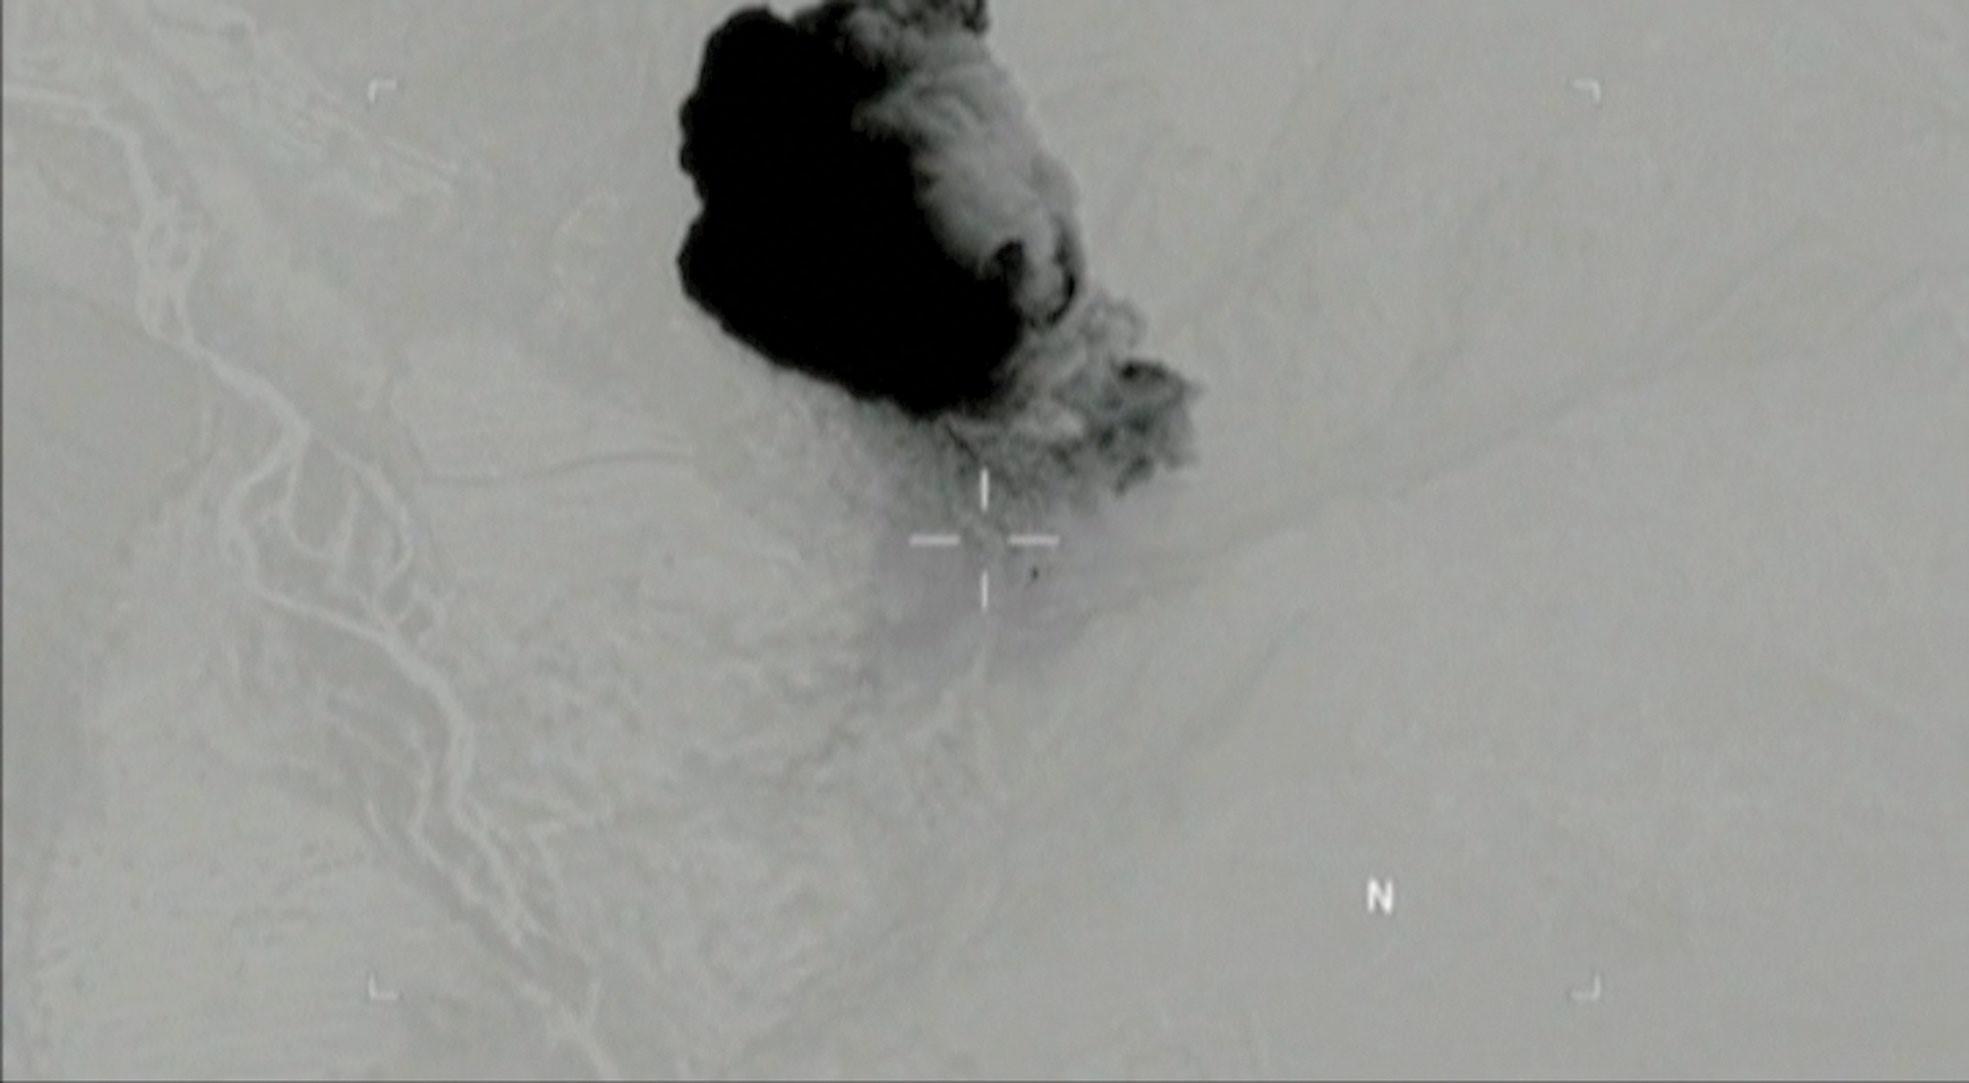 أم القنابل.. صور جوية جديدة وشهادات مرعبة من الأرض